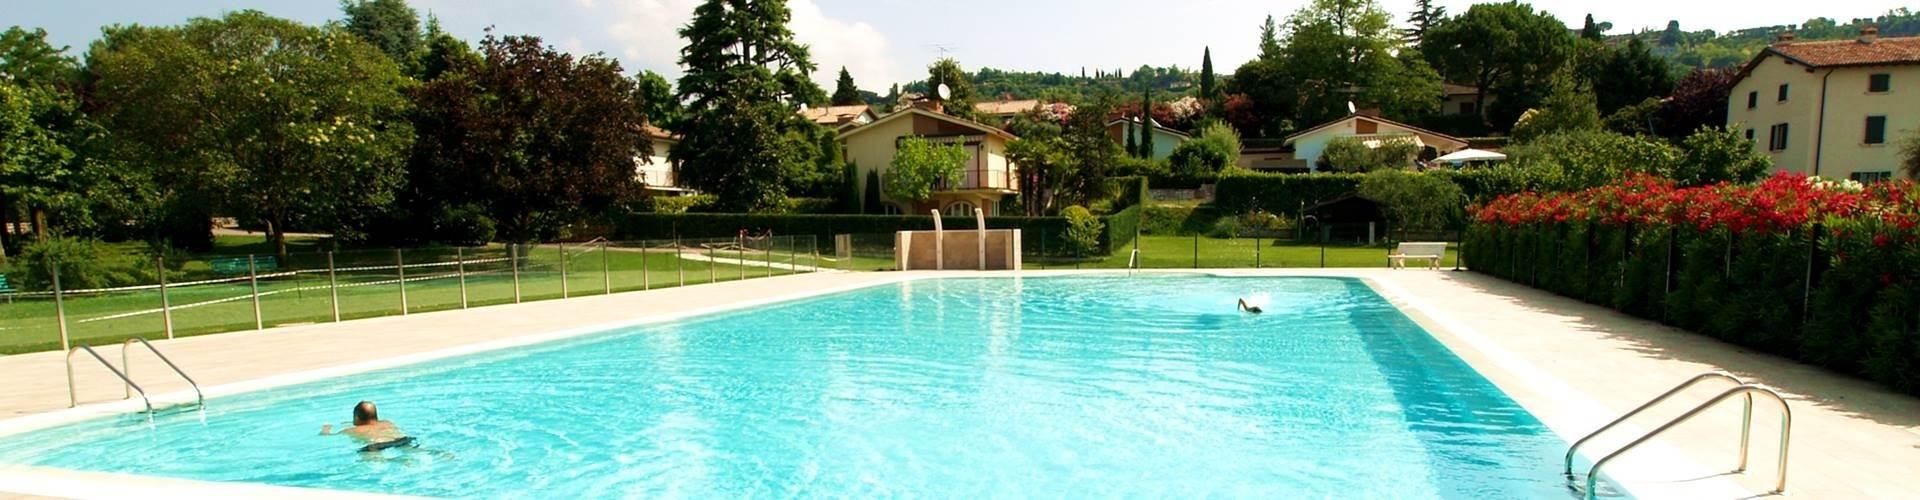 Costruzione piscine mantova mn costruzione piscine - Costruzione piscine brescia ...